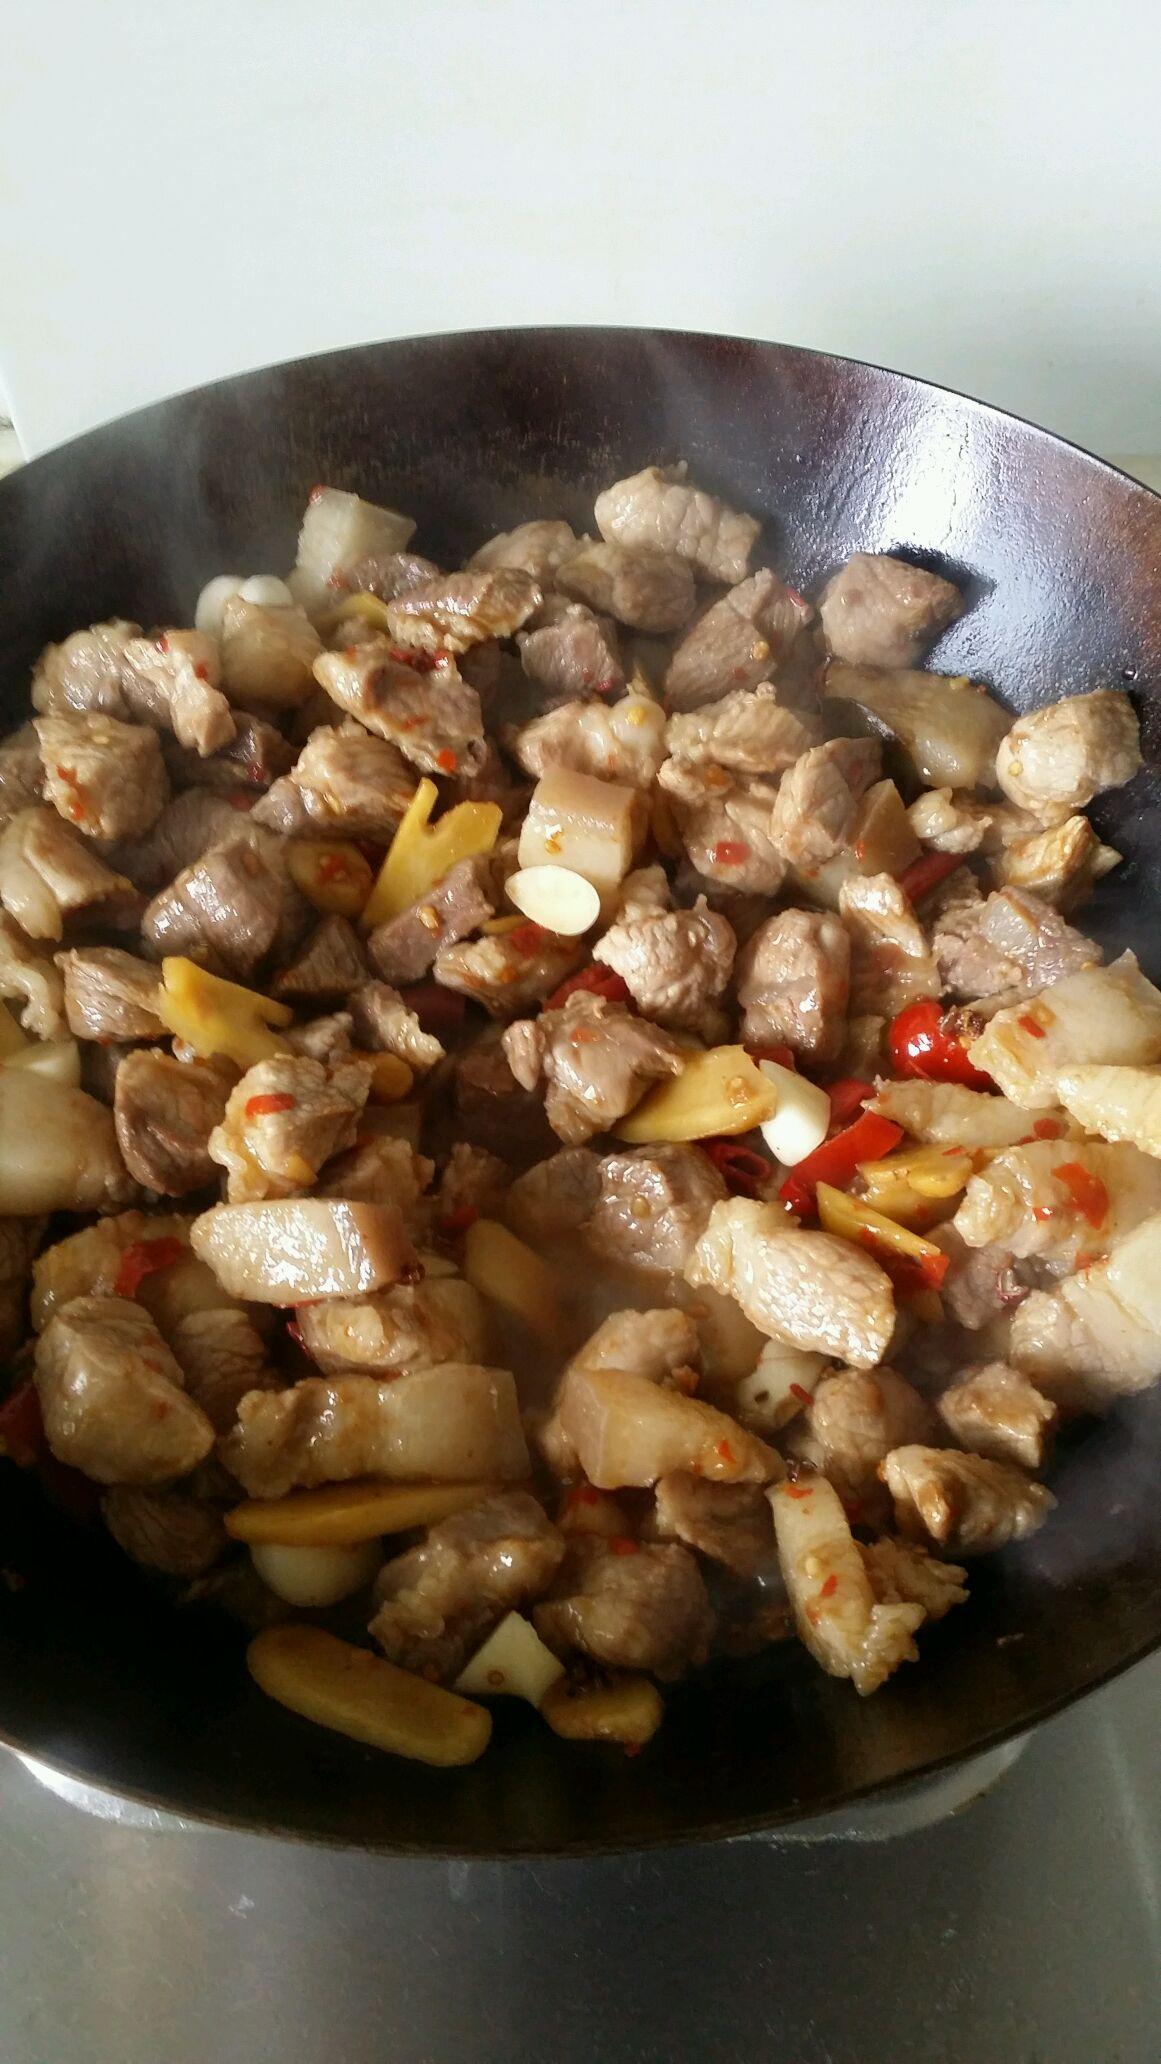 清炒蒜,泡椒泡姜,图片,豆瓣酱翻炒.倒入红豆角花椒图片